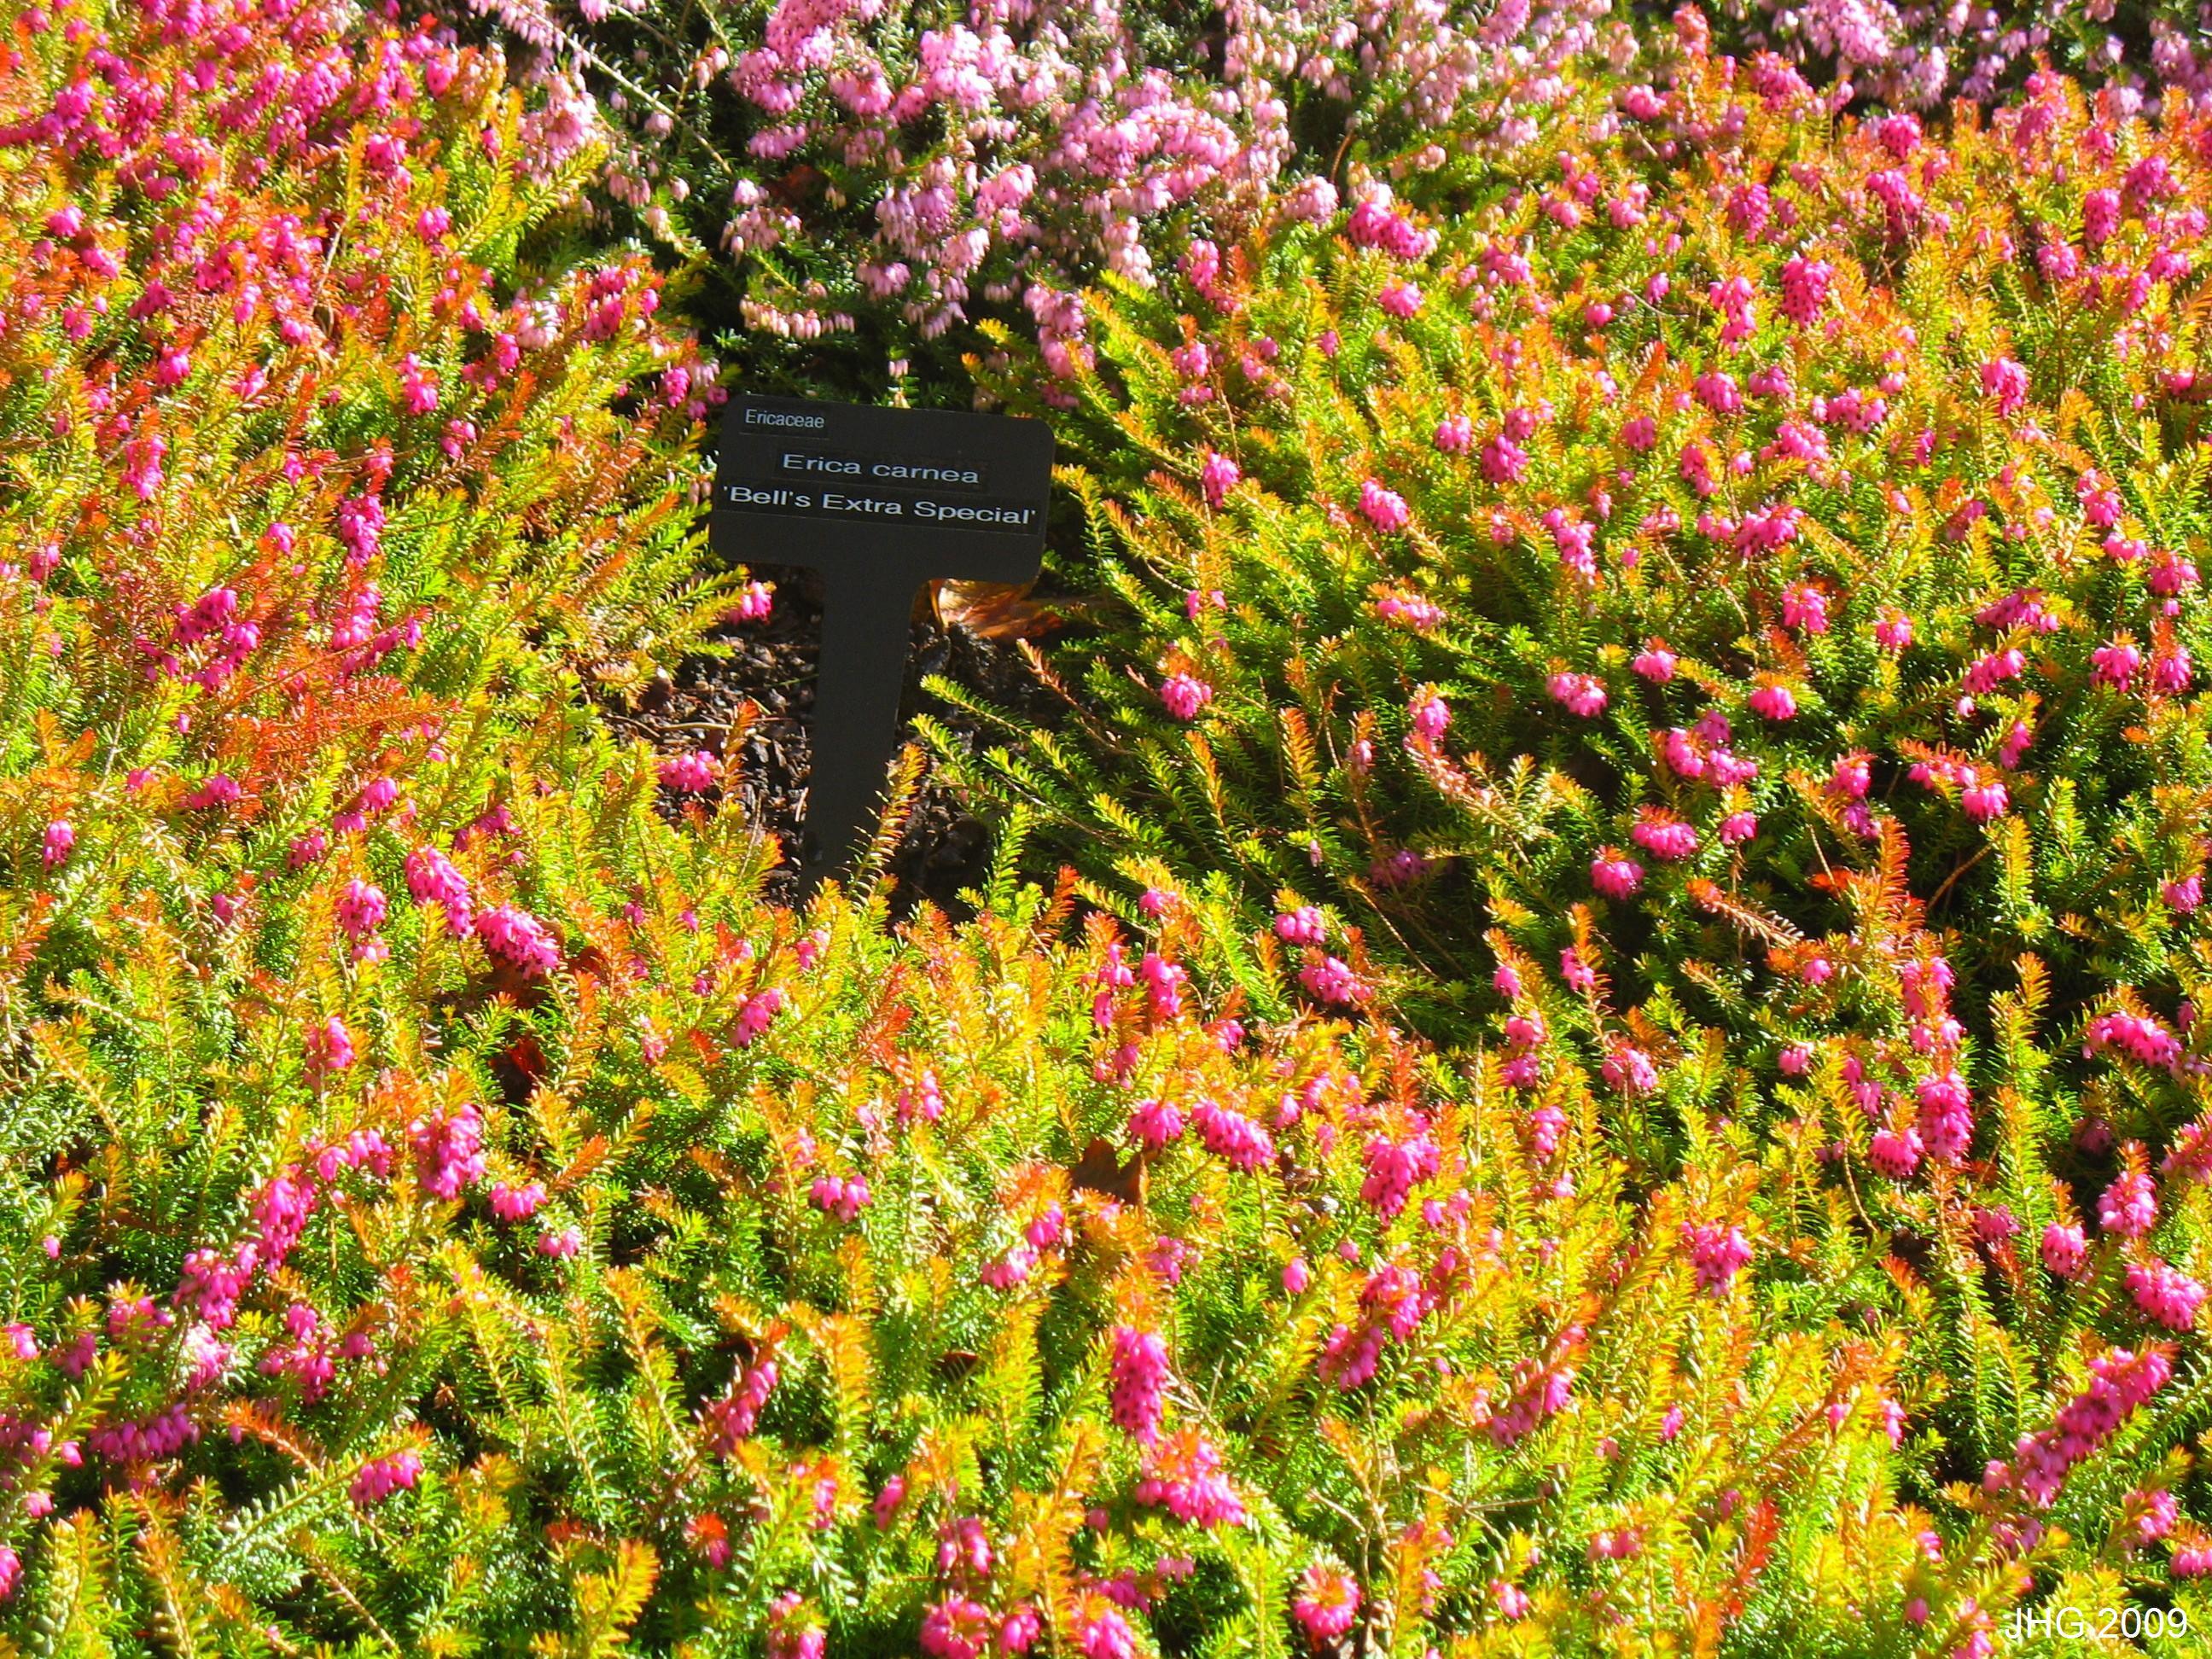 E.c Bell's Extra Special foliage color.